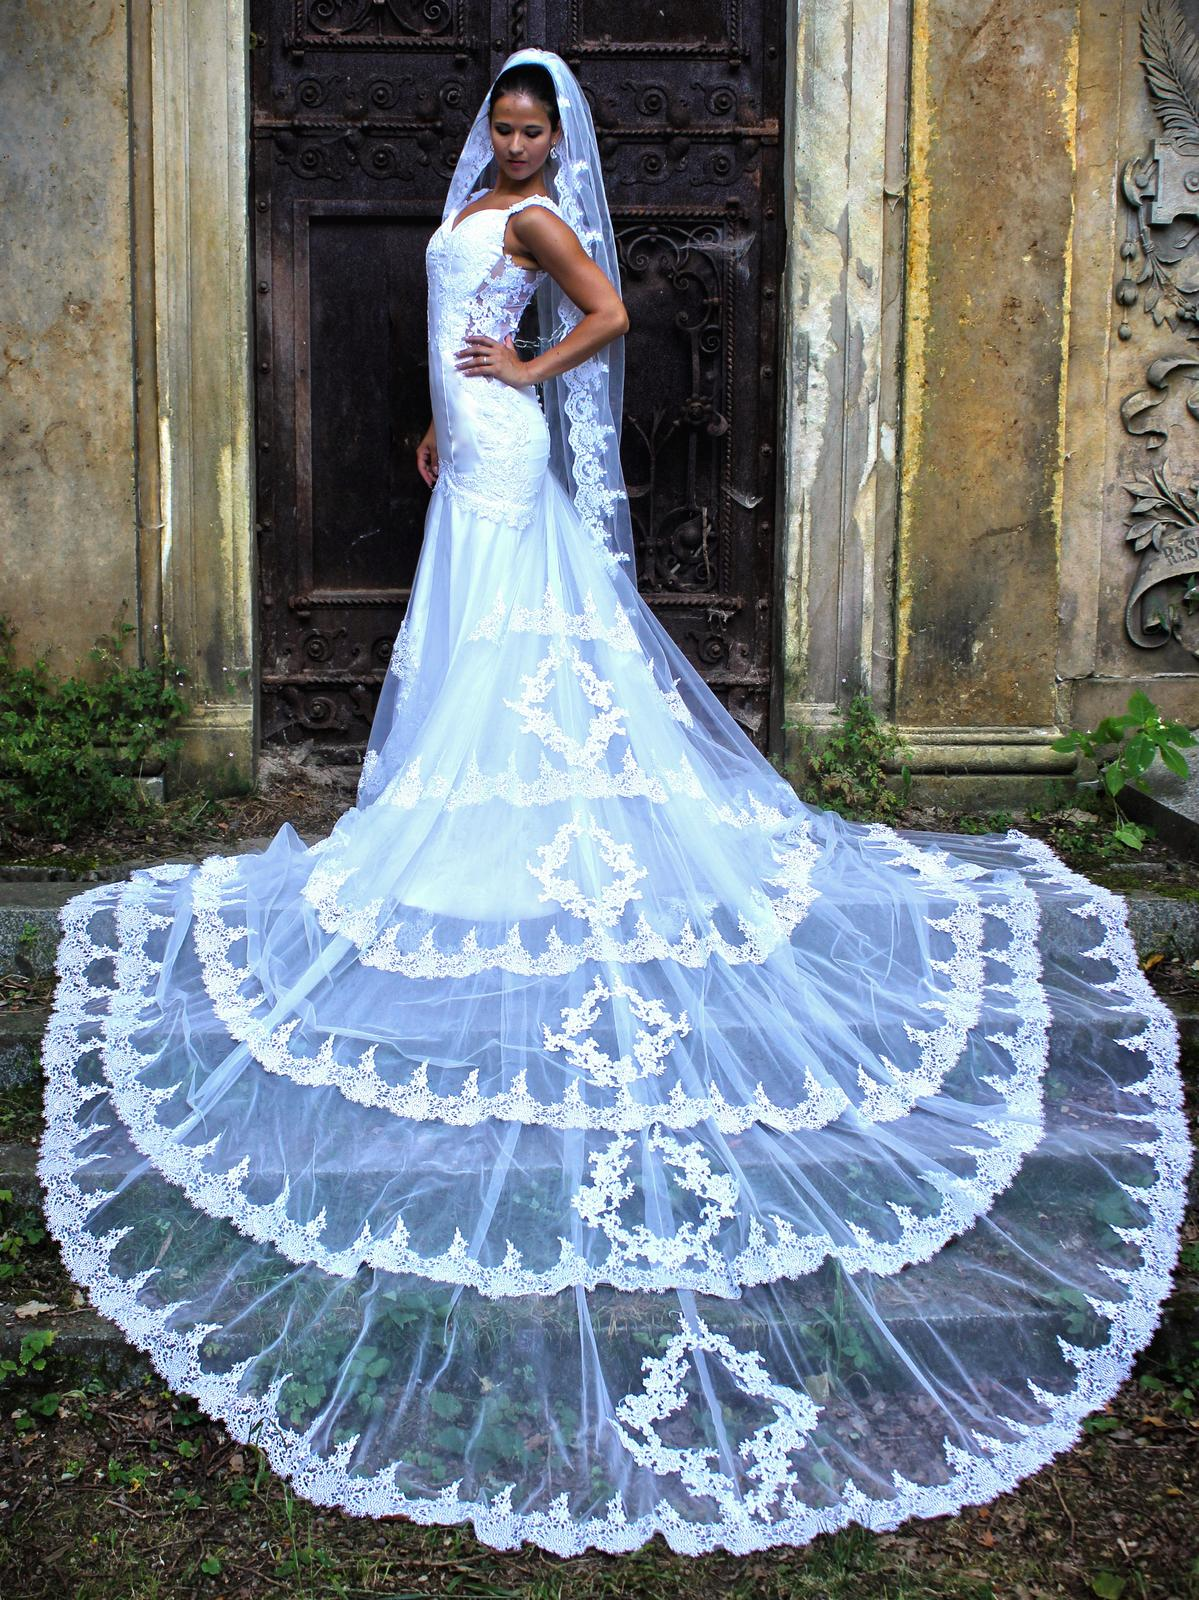 c7d4a5f125e Originální šaty šité na míru